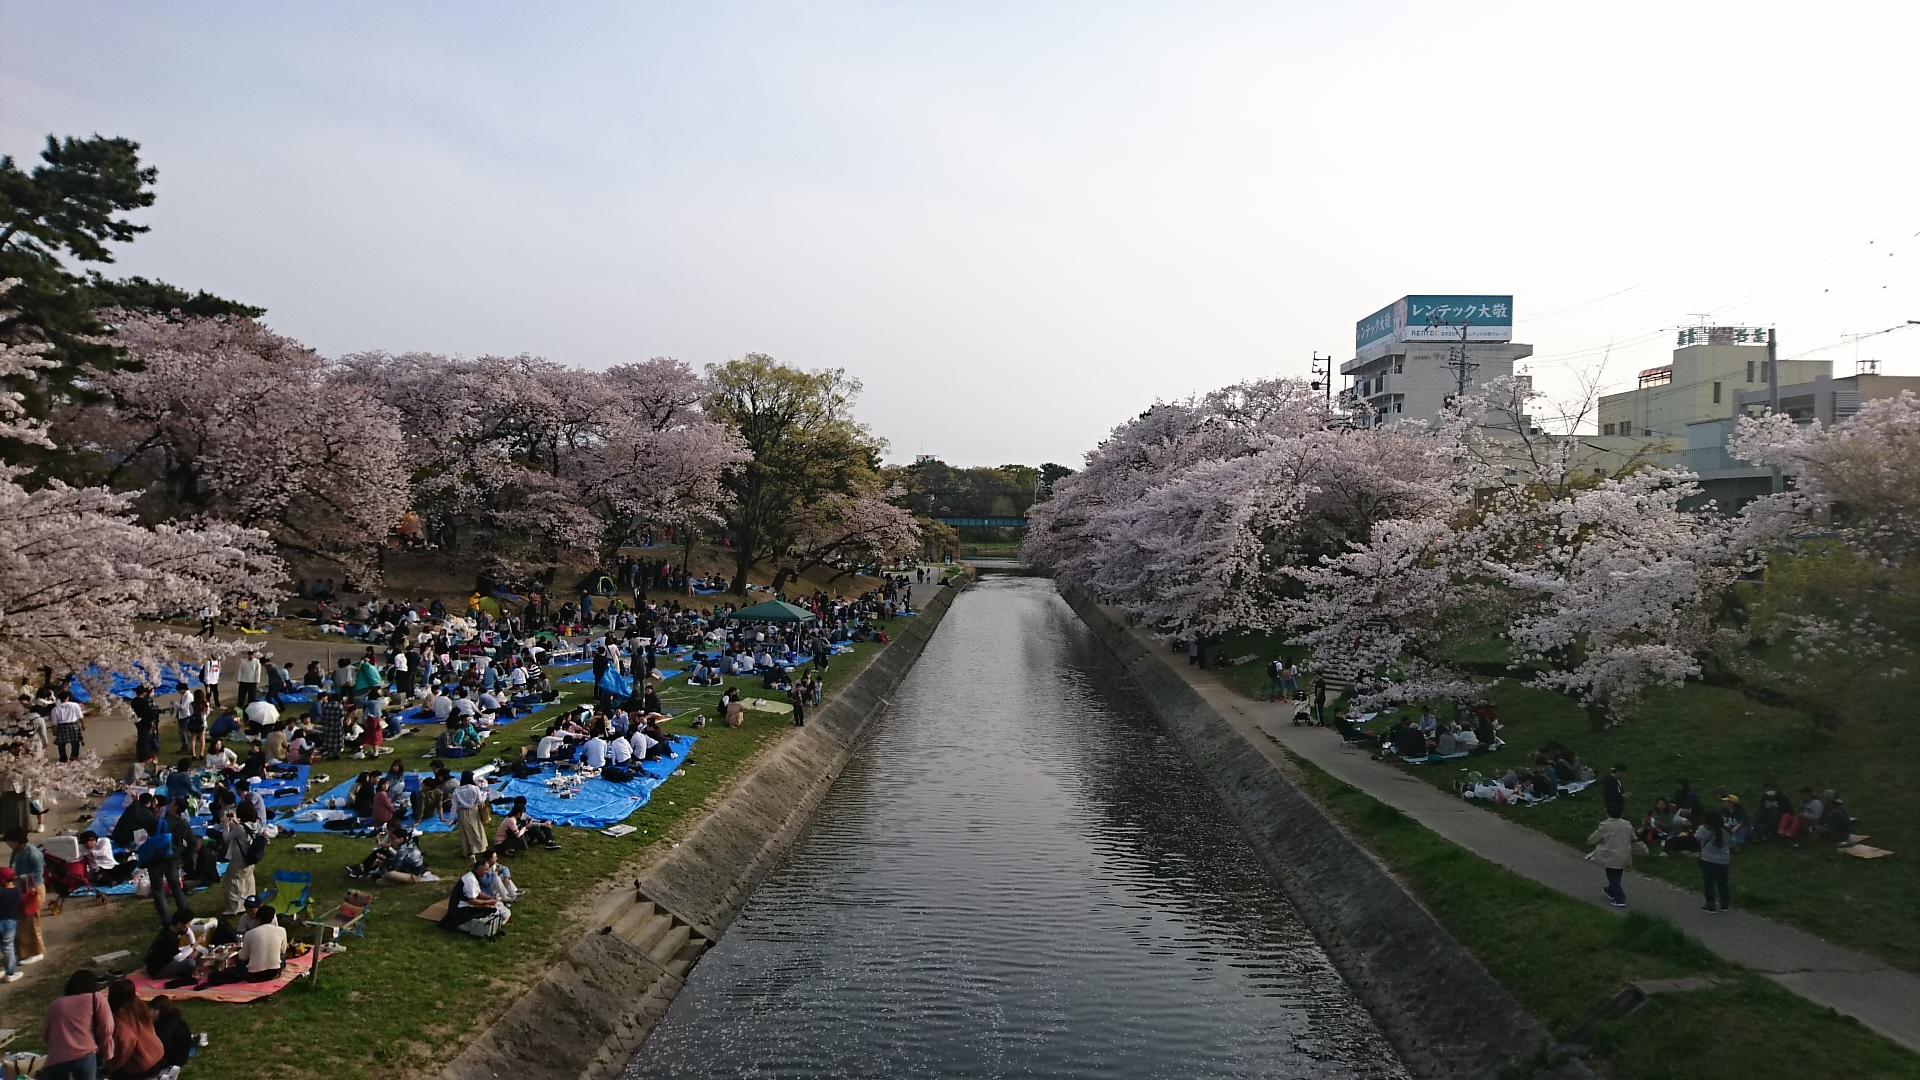 2018.4.1 東岡崎 (26) 竹千代橋 - 伊賀川 1920-1080